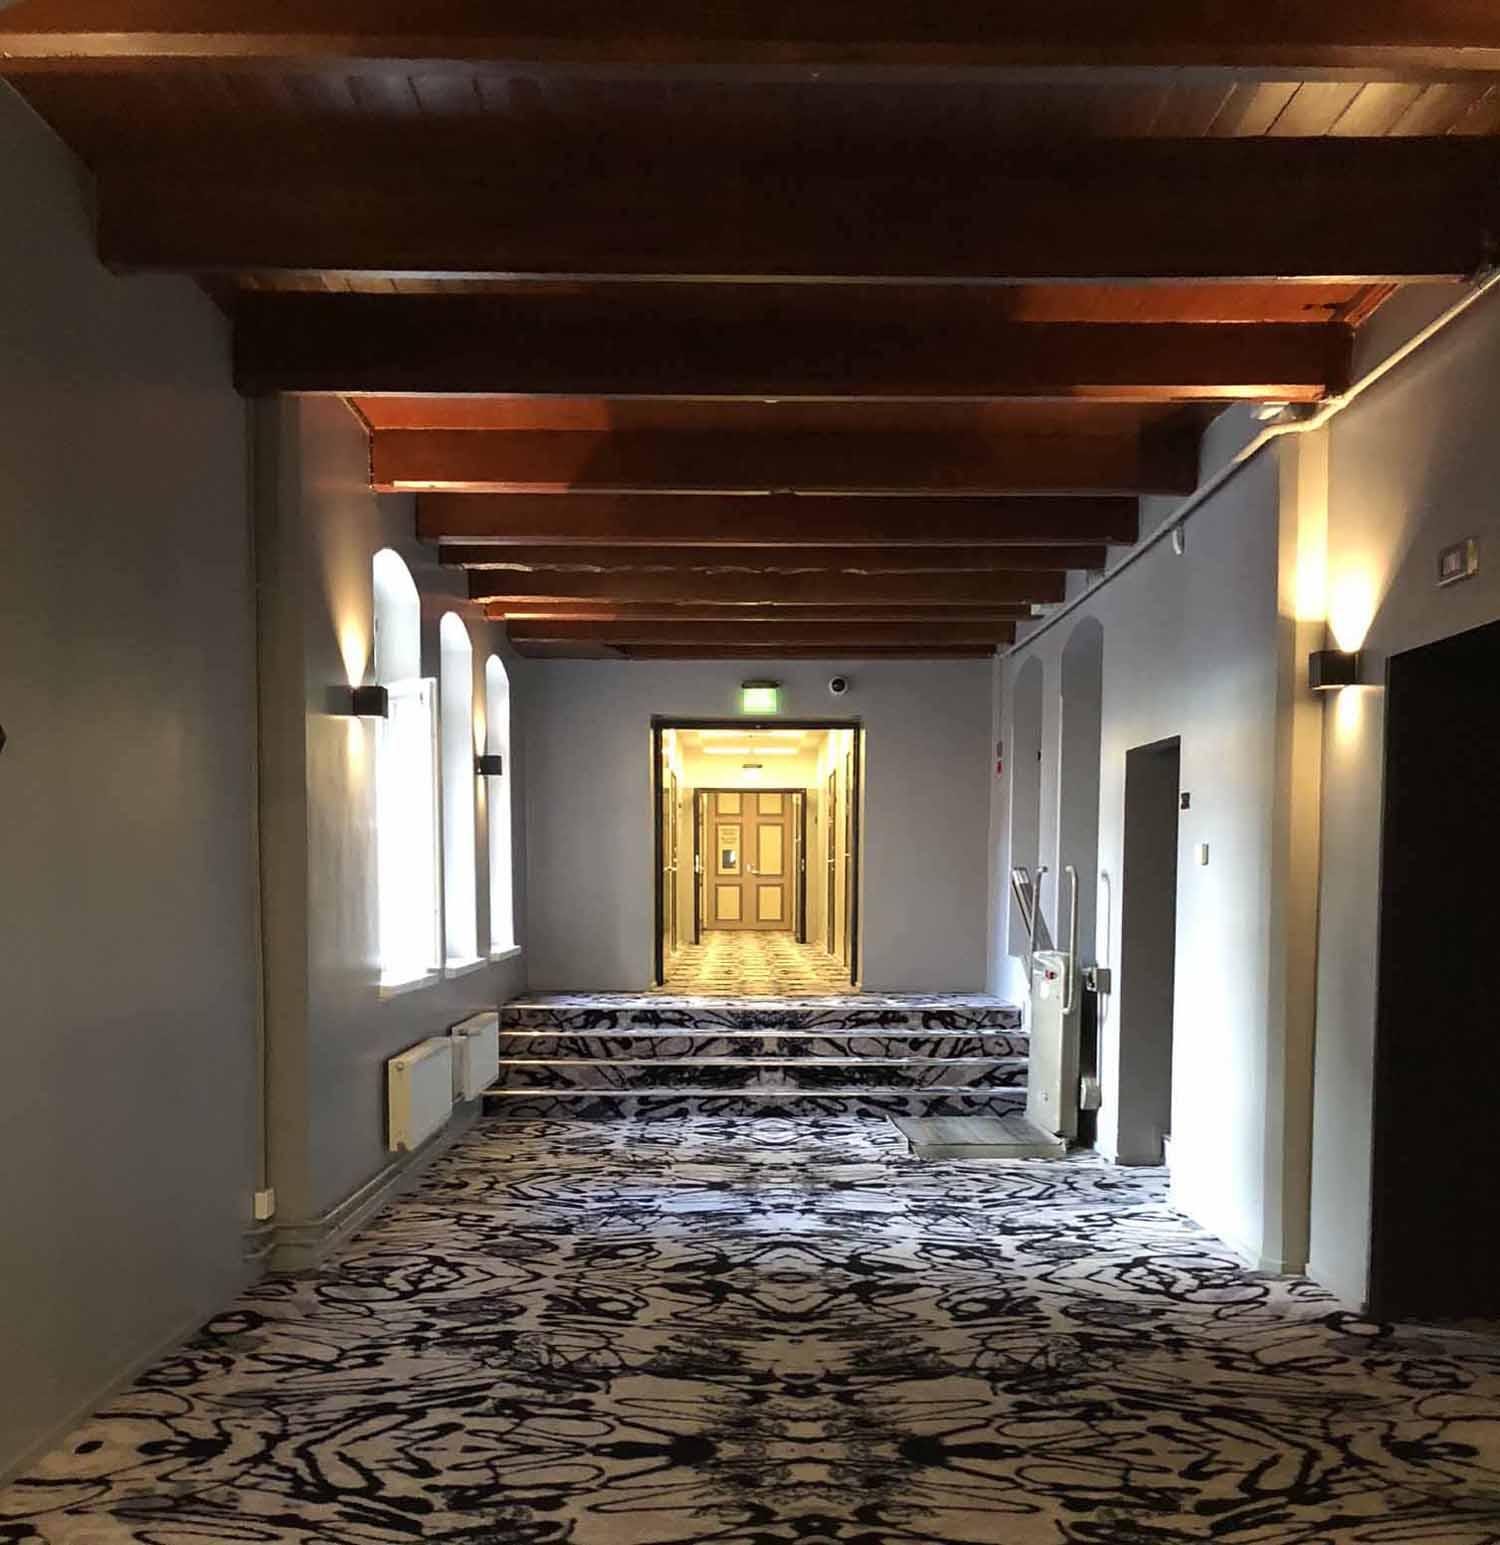 Katajanokan vankila hotelli sellikäytävä